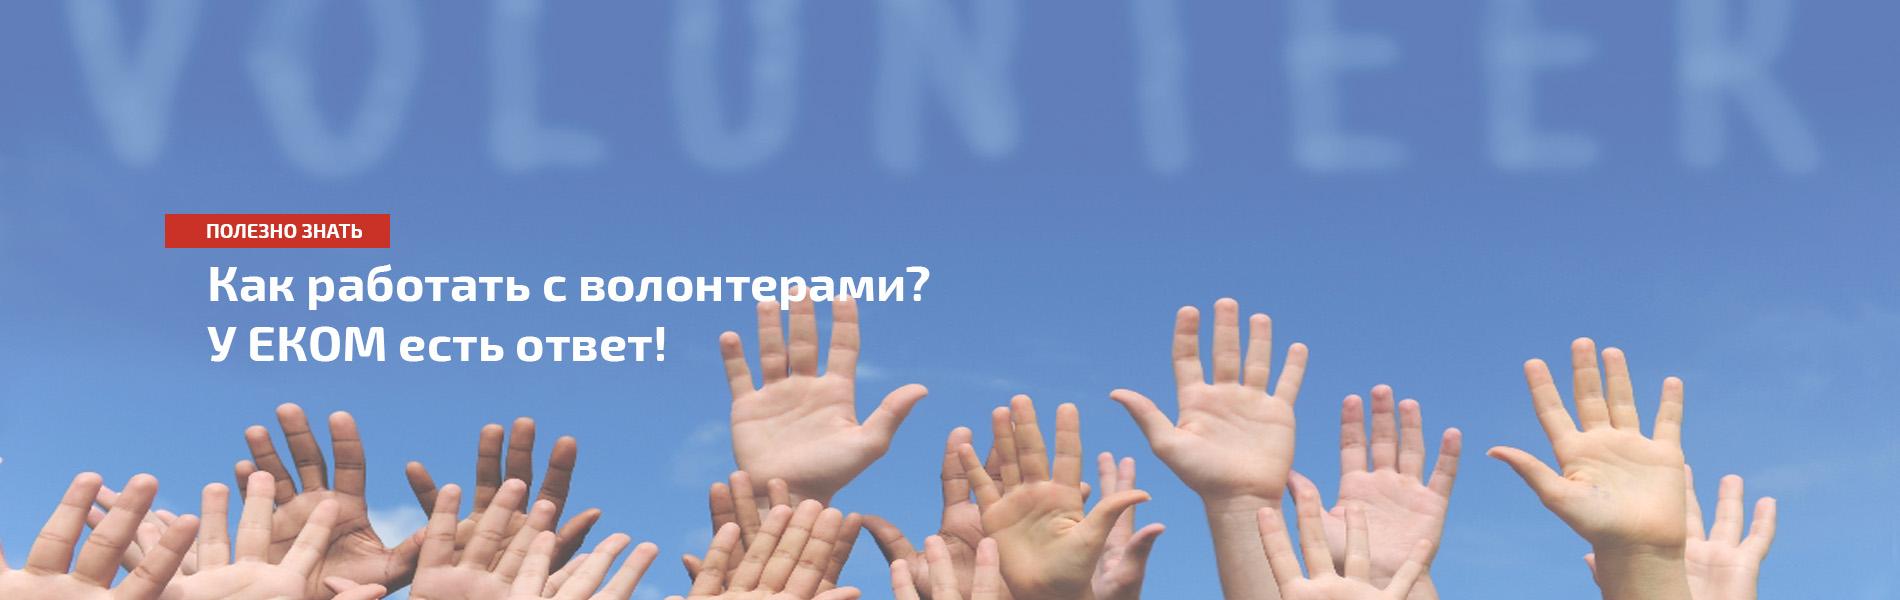 ЕКОМ представляет модель политики по работе с волонтерами, которая будет полезна в использовании в любой общественной организации для построения волонтерской работы.